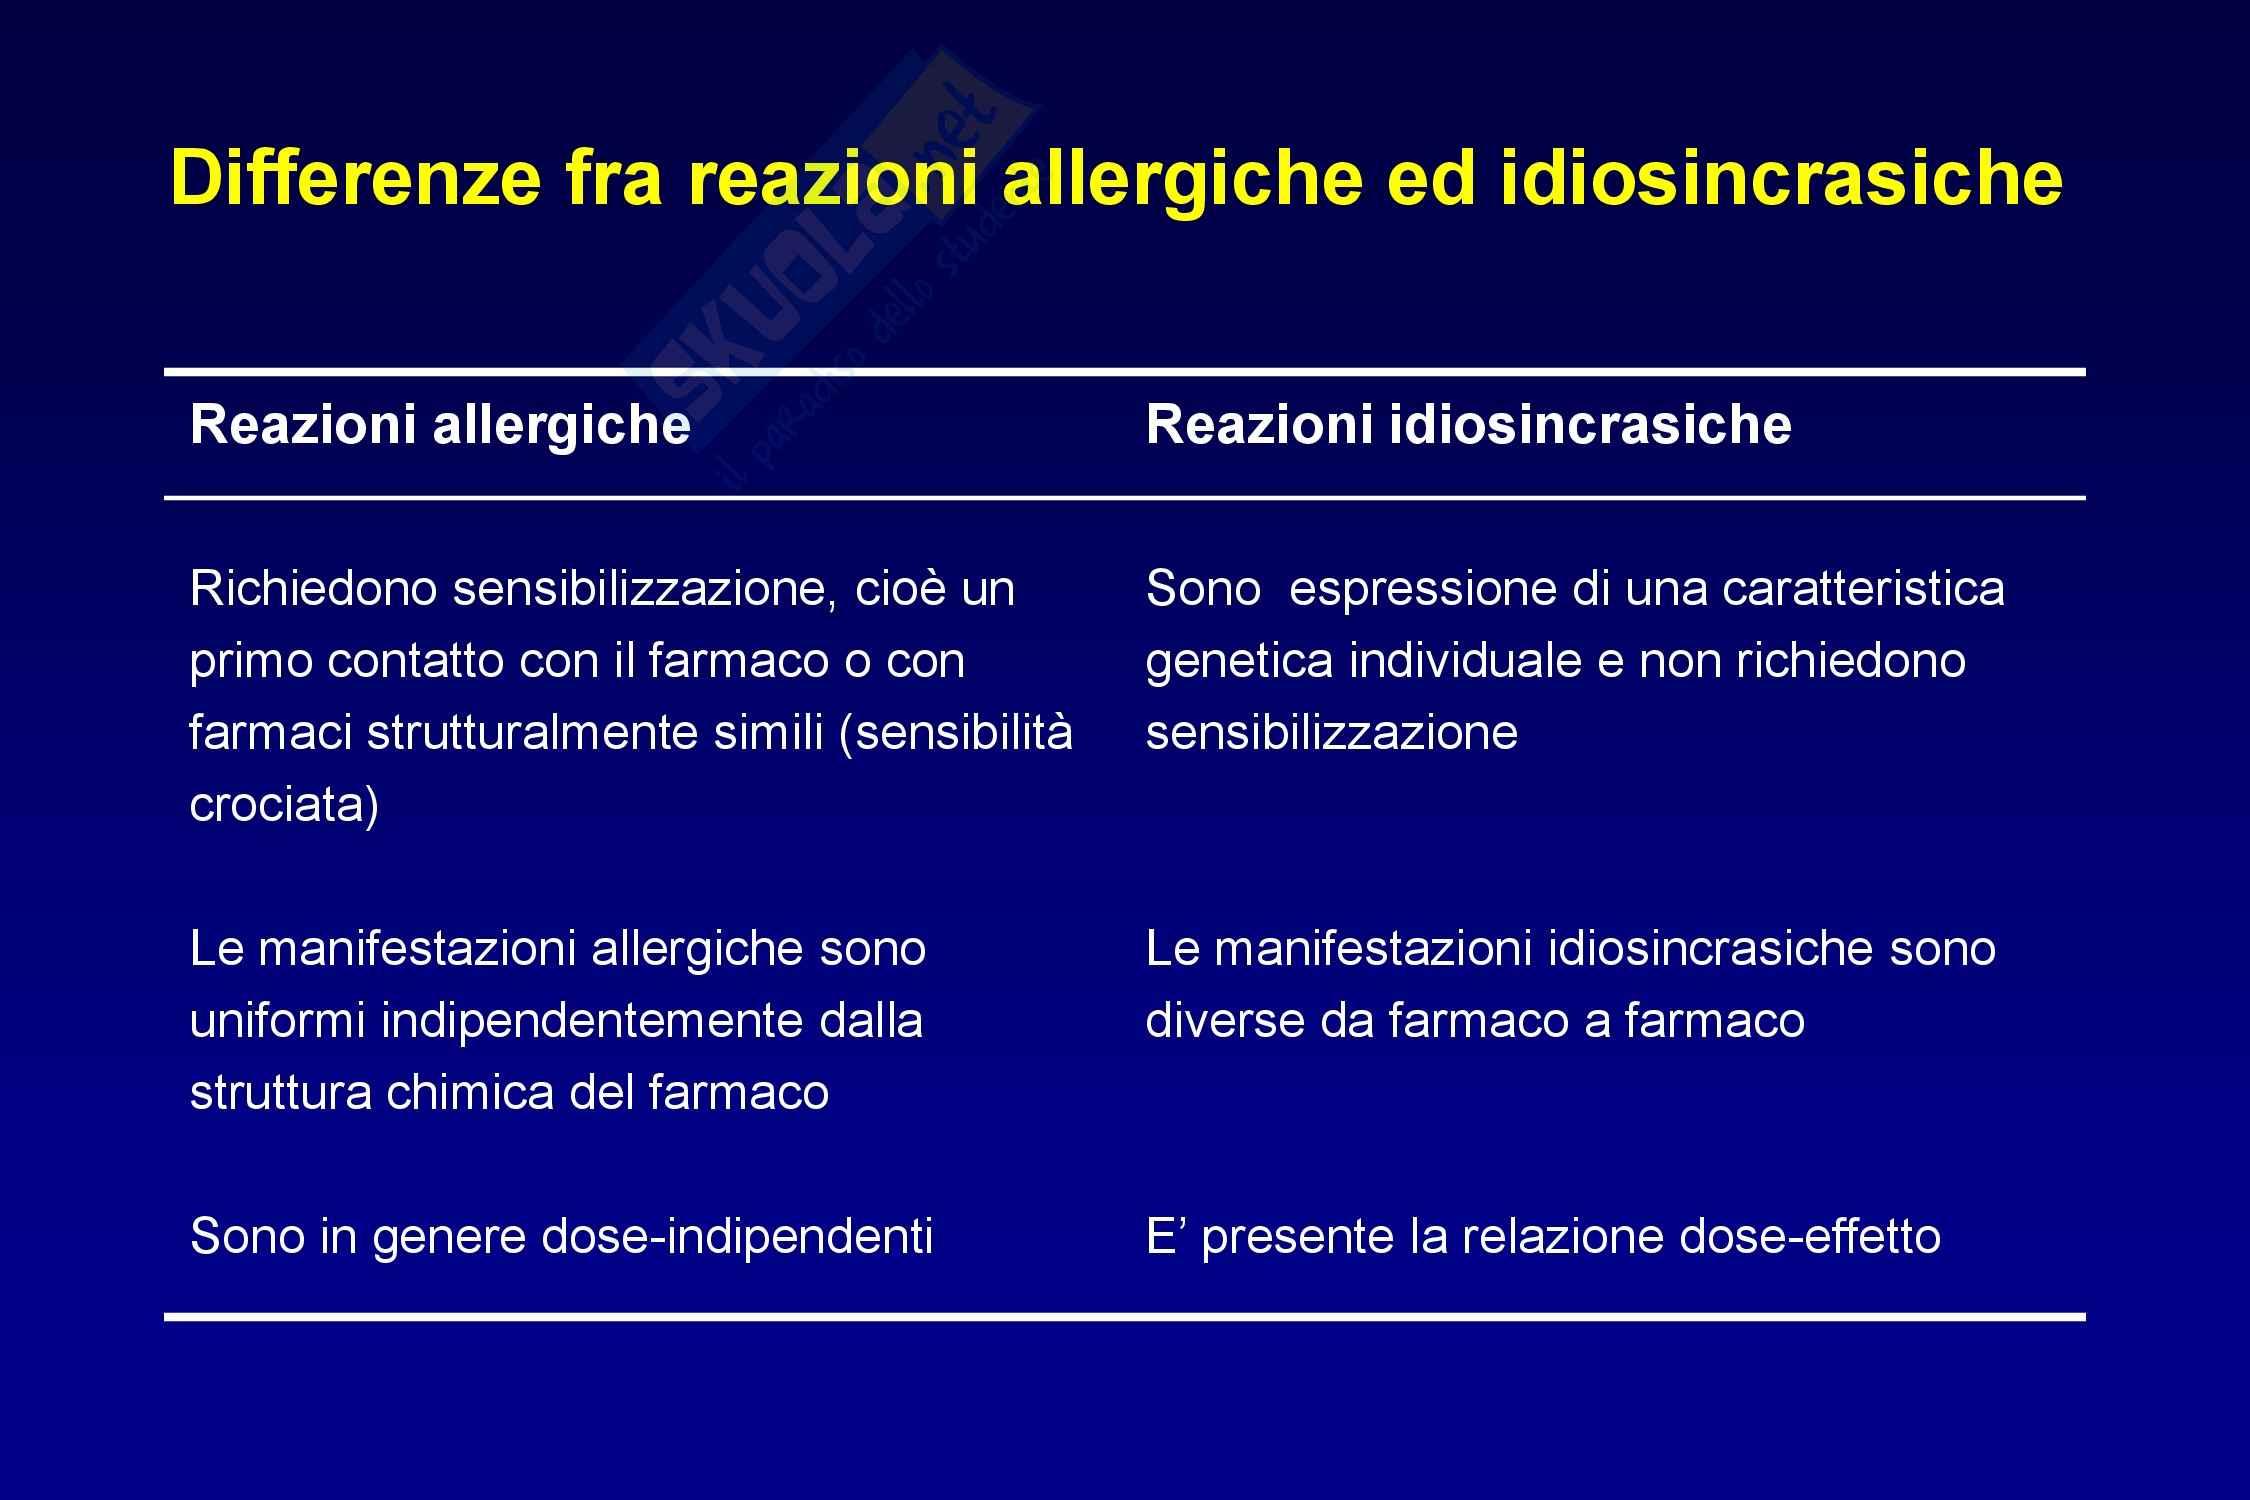 Farmacovigilanza, reazioni avverse Pag. 26